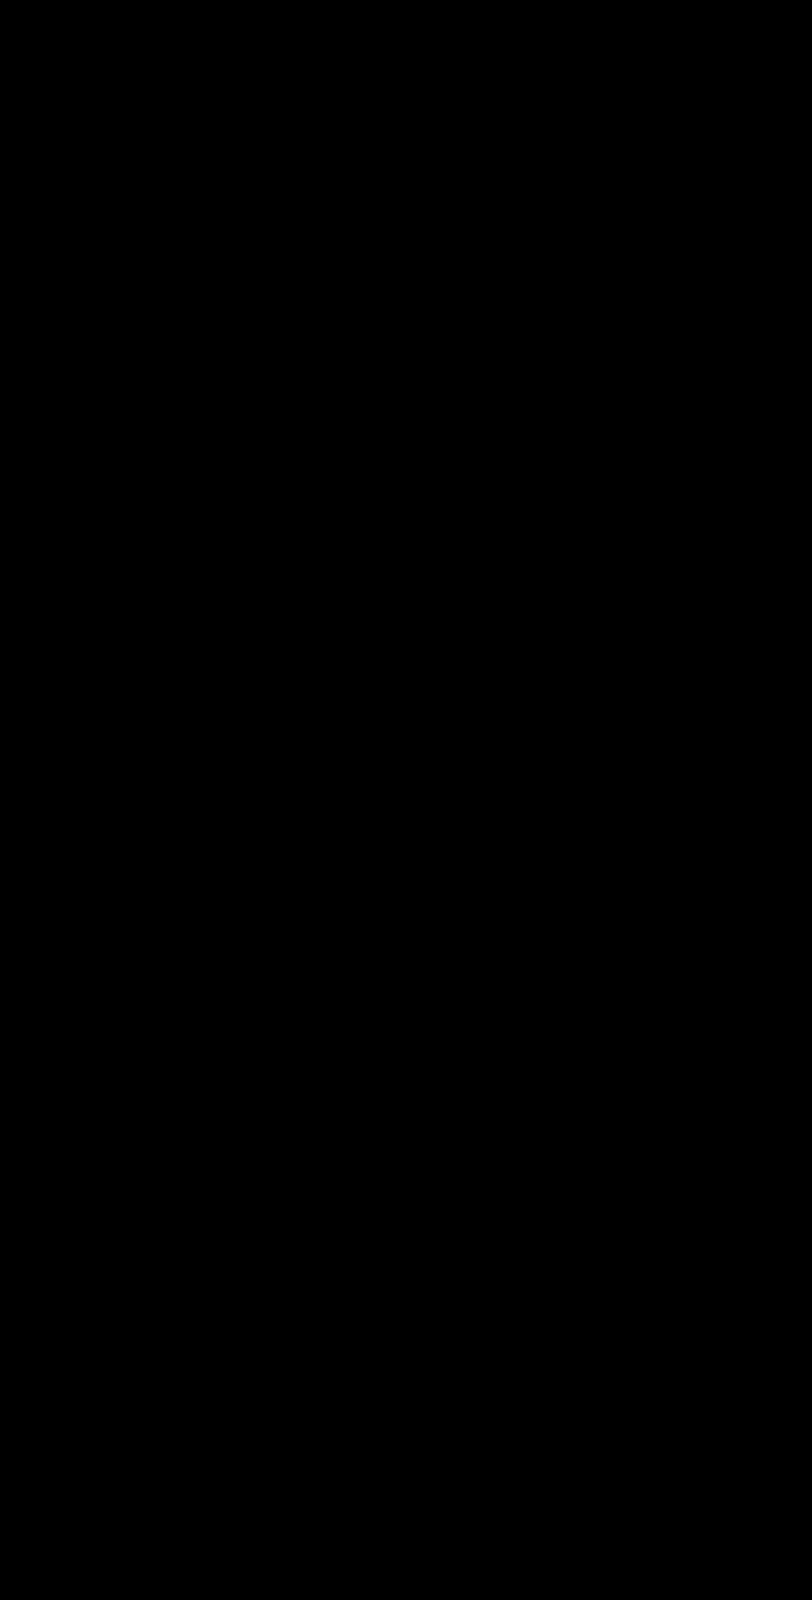 9faf28ad-2928-4db6-871f-eebbfa1053d7